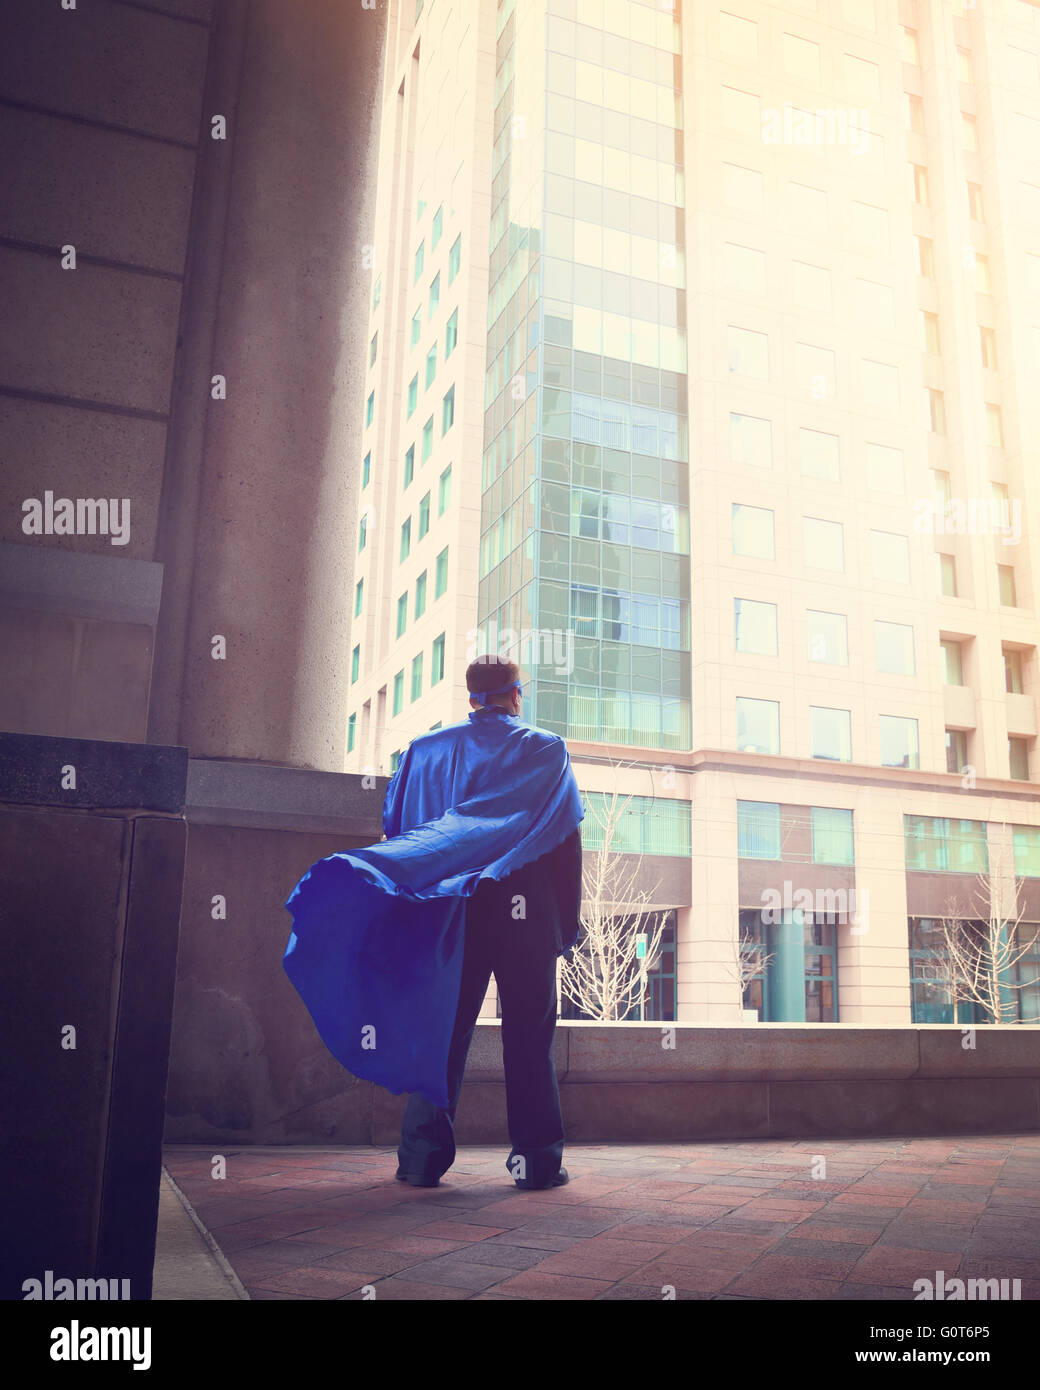 Un hombre que llevaba un negocio super cape está de pie en una ciudad para que sea un éxito, la fuerza Imagen De Stock